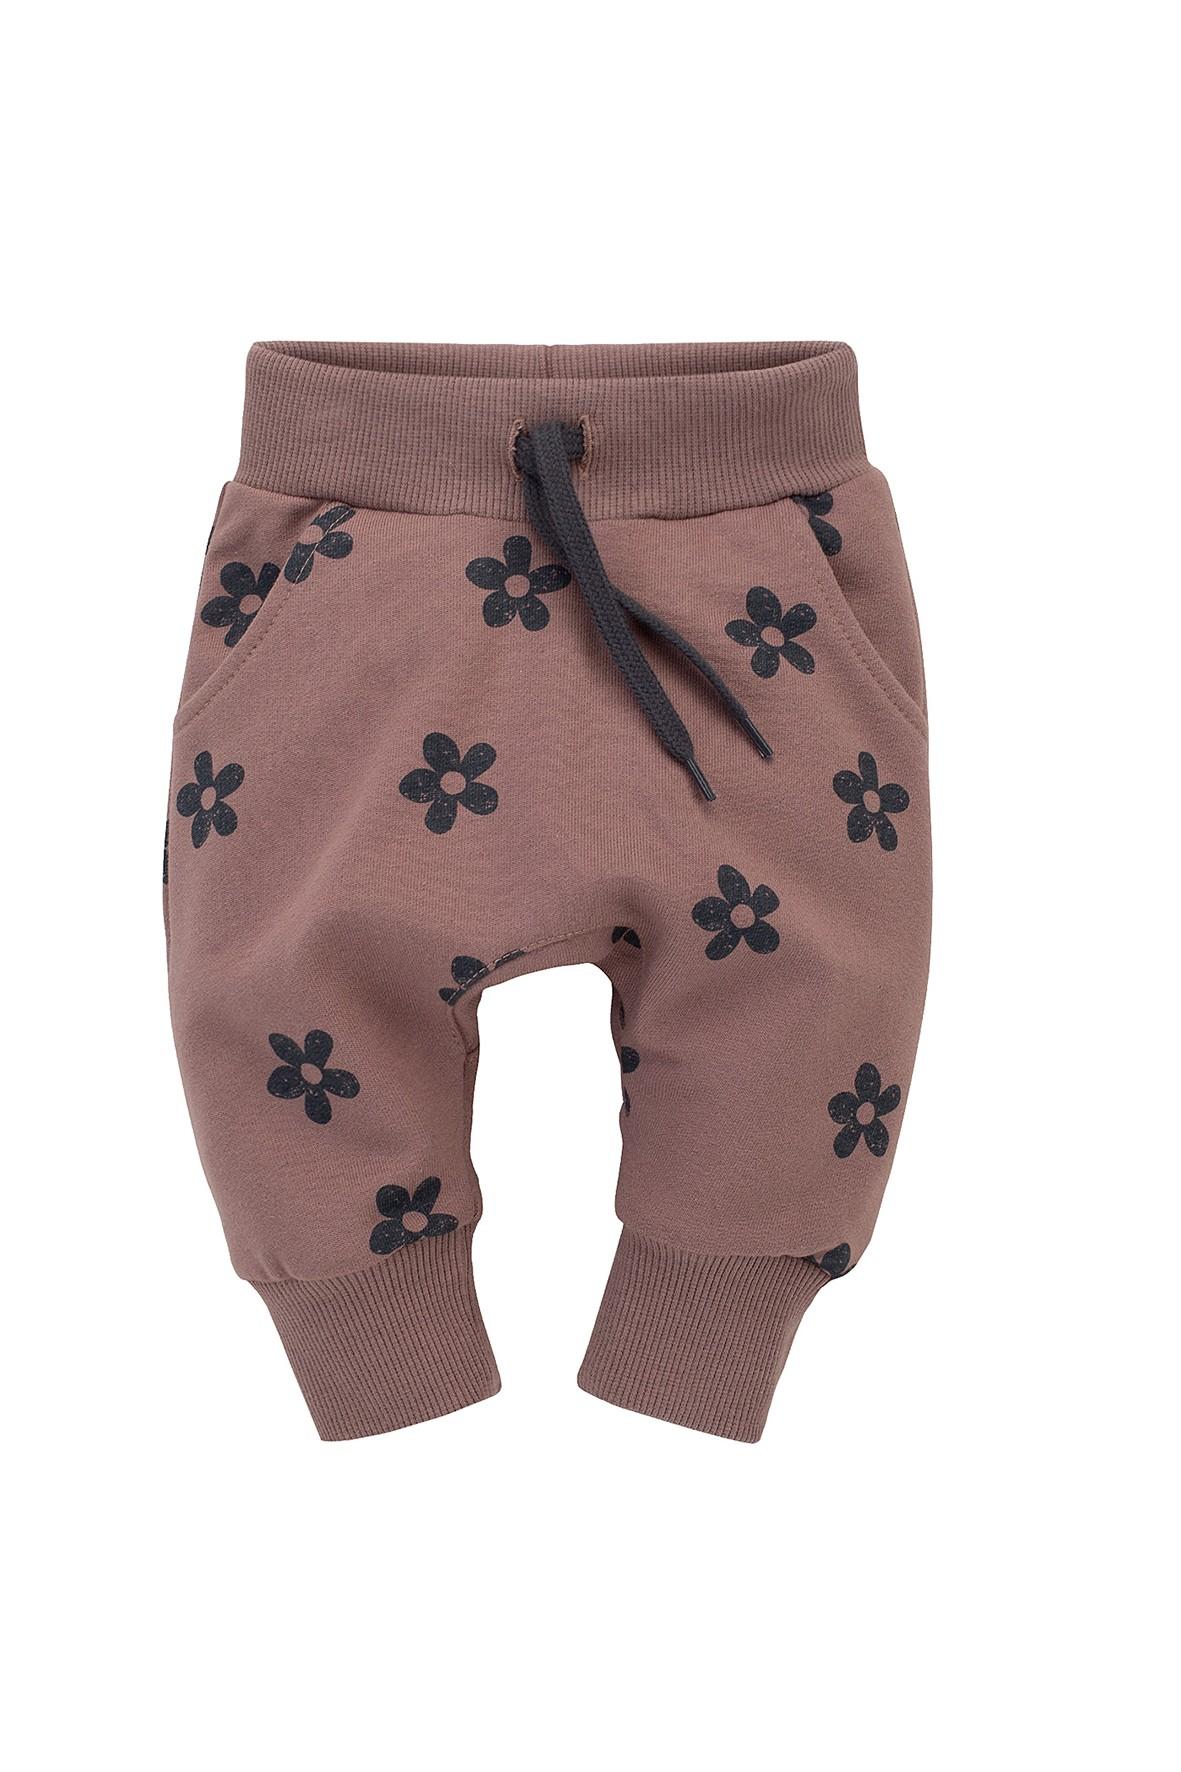 Spodnie niemowlęce dresowe pumpy różowe w kwiatki